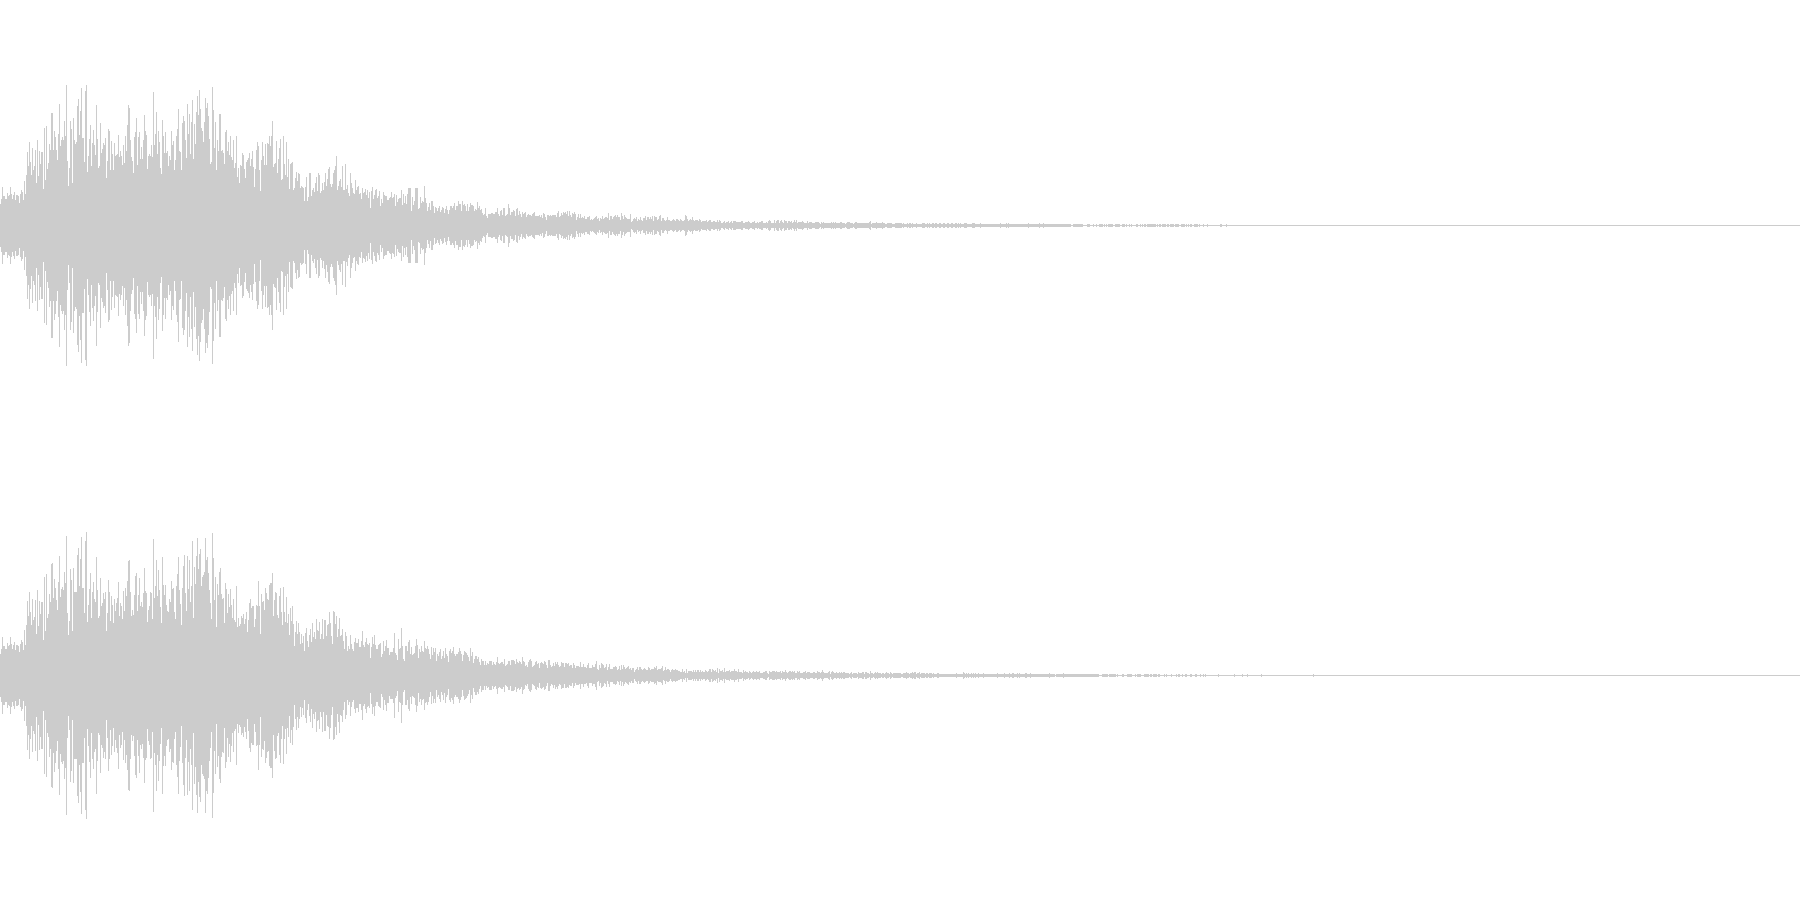 シャララン(ゲーム・アプリ等の決定音)の未再生の波形